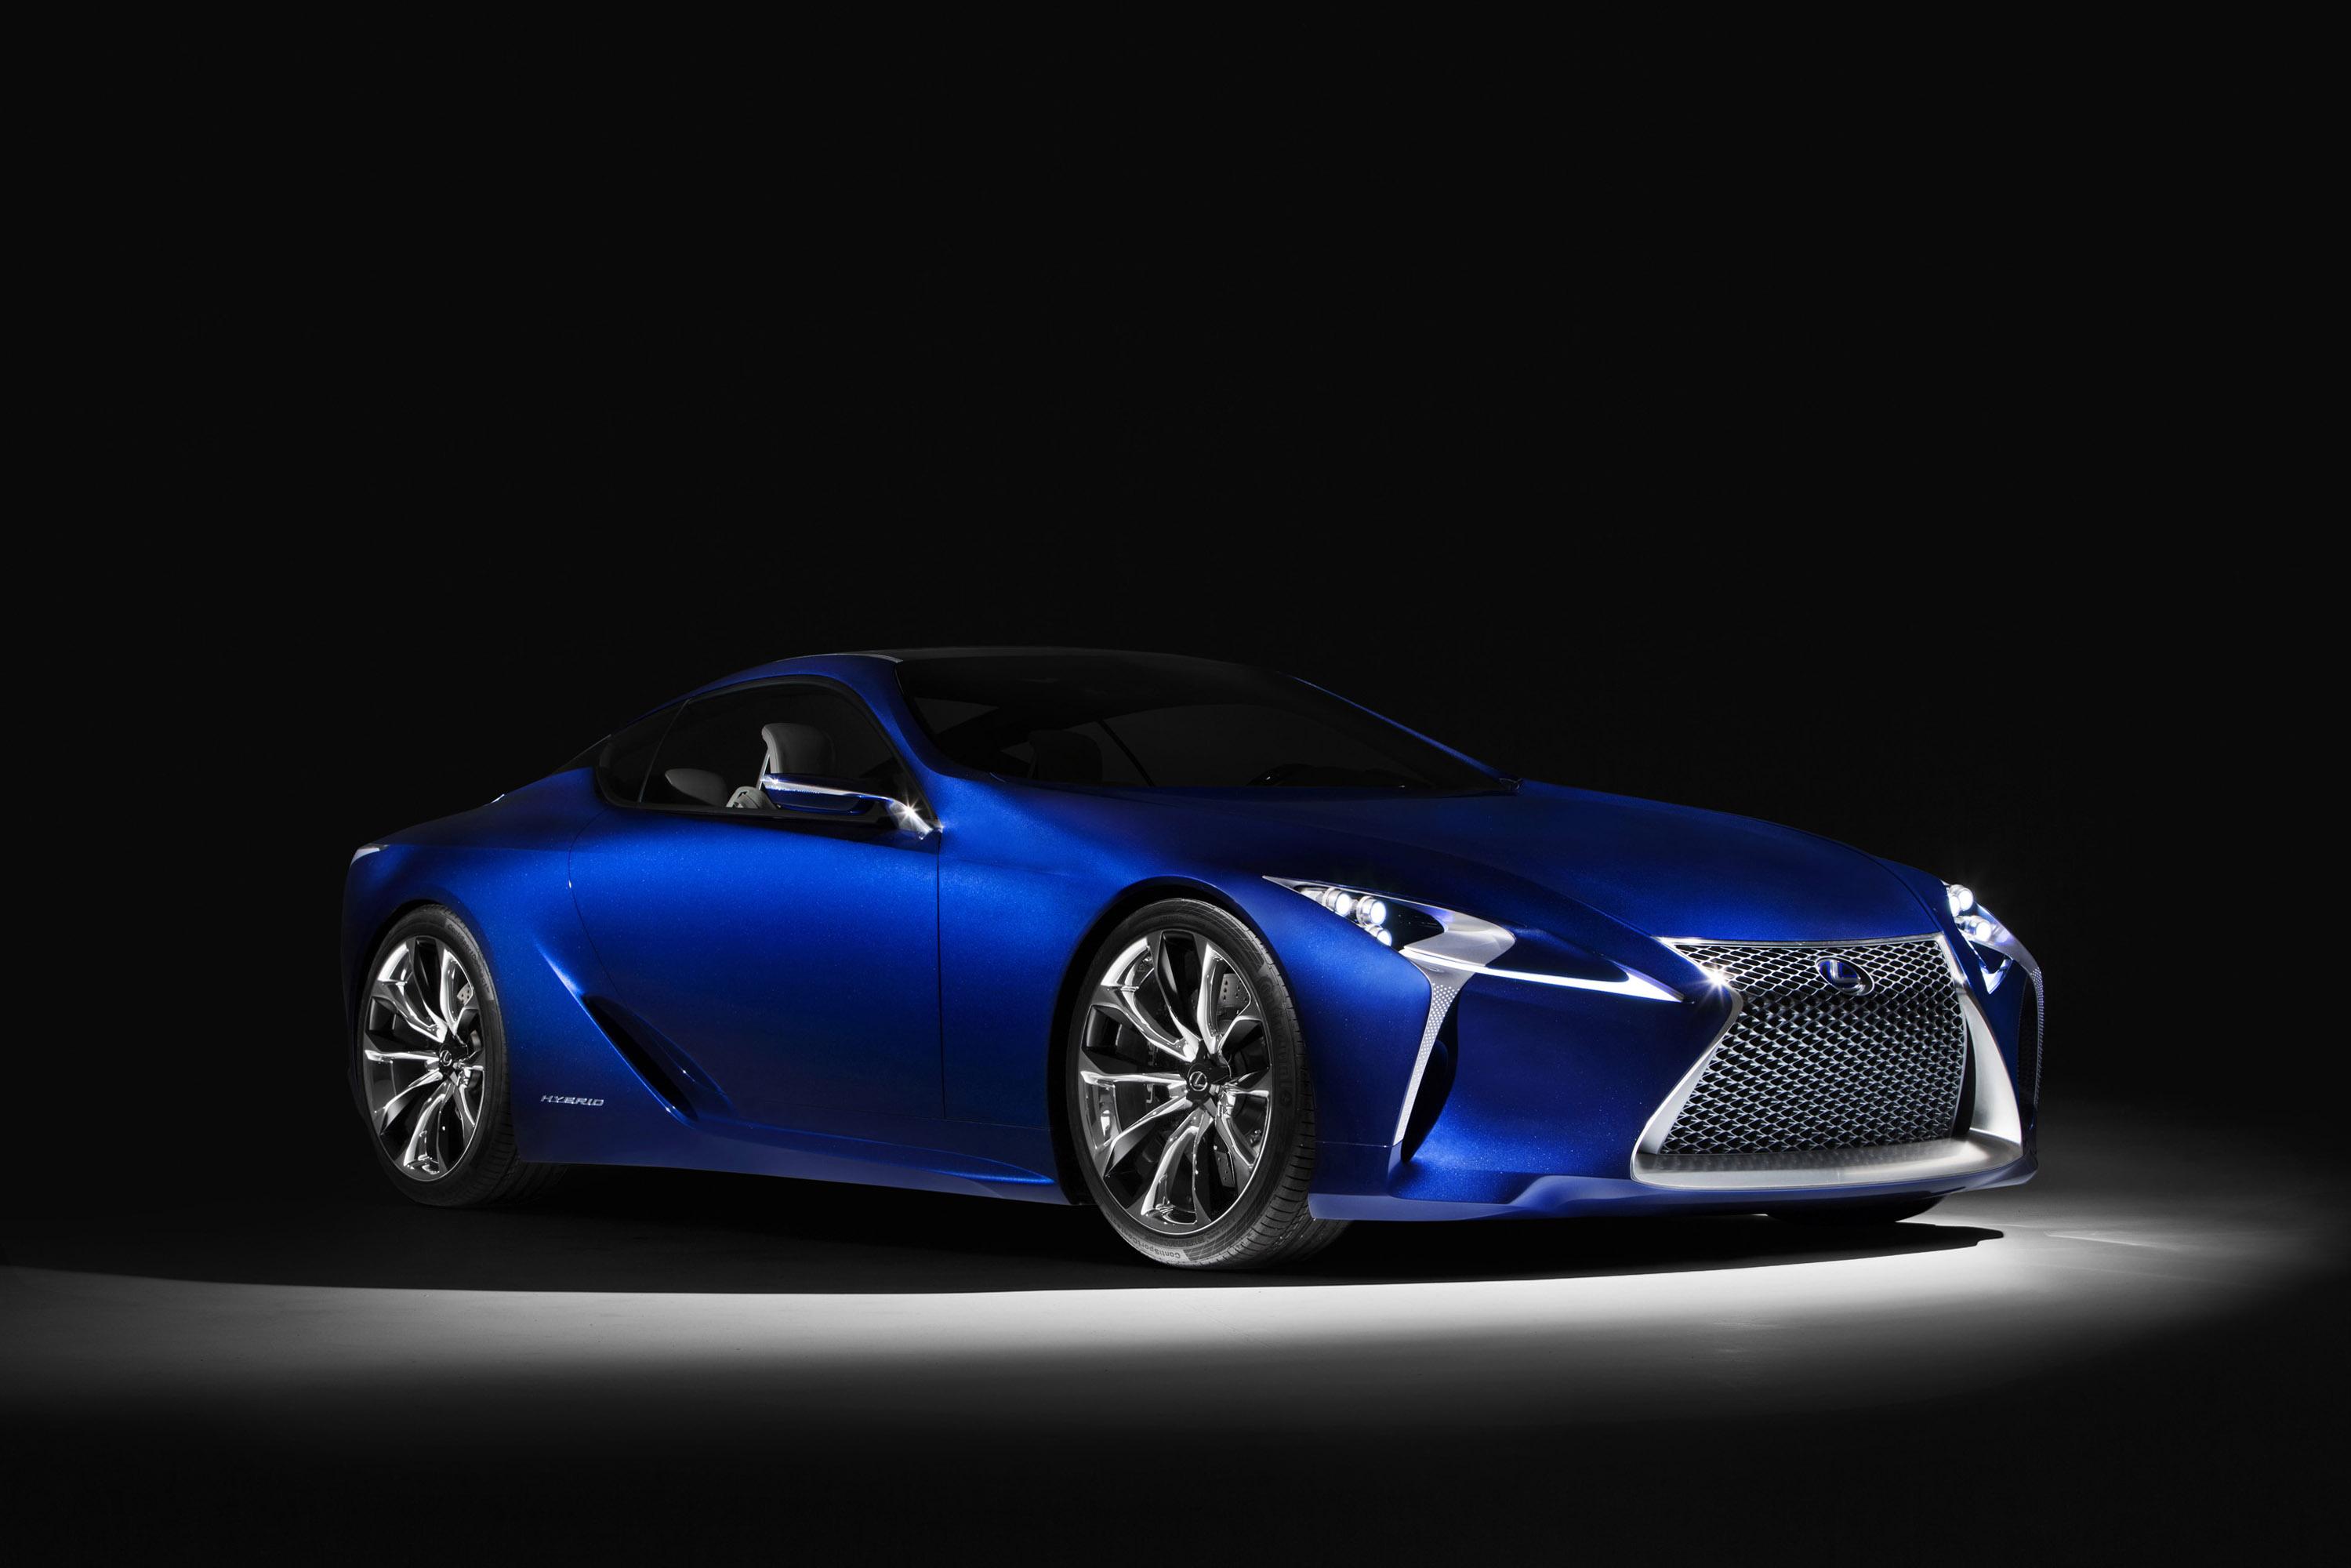 https://www.automobilesreview.com/img/lexus-lf-lc-blue-concept/lexus-lf-lc-blue-concept-05.jpg